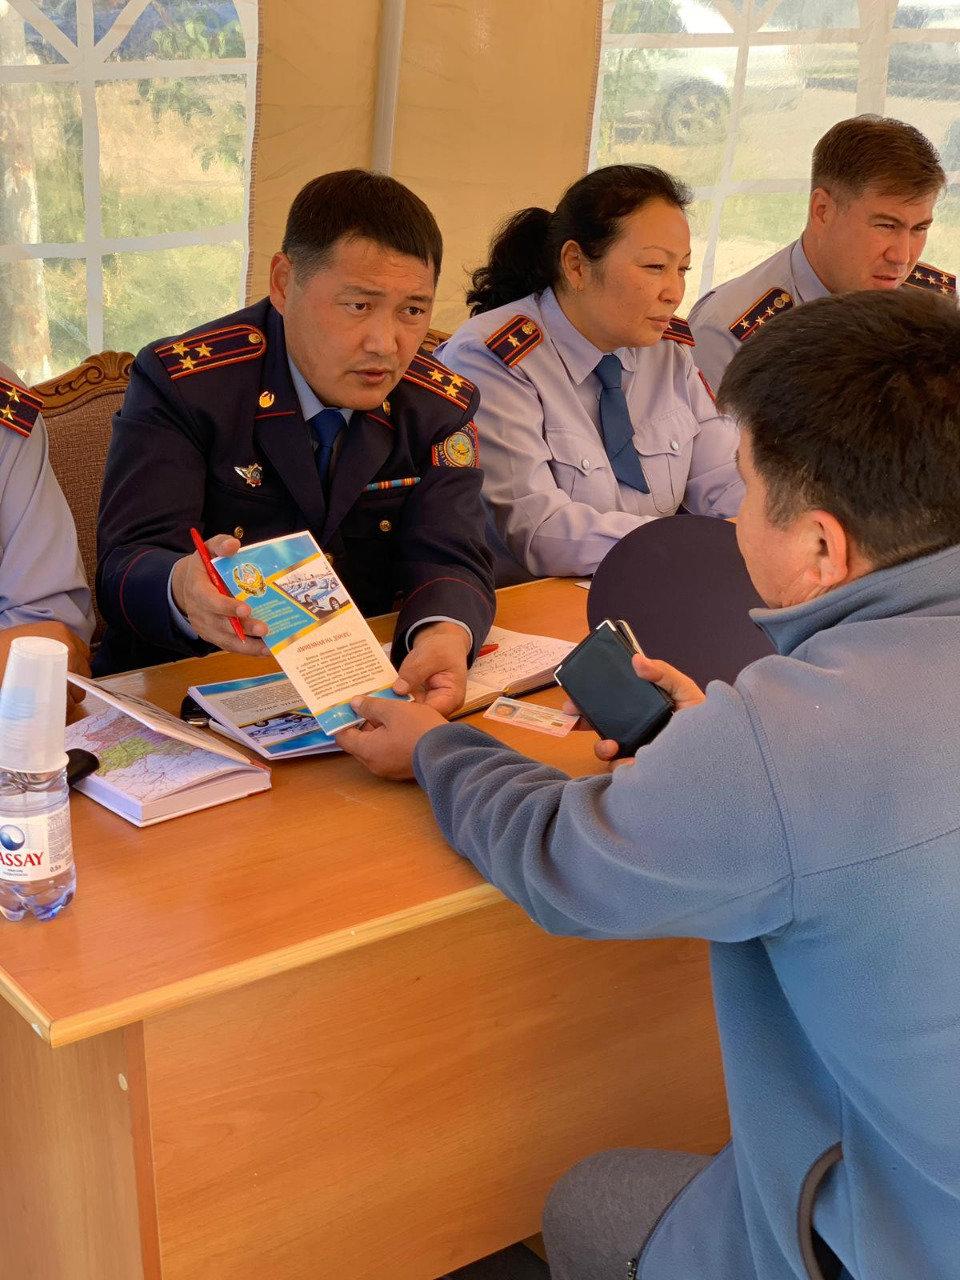 Жителей Алматинской области волнуют вопросы дорожной безопасности и сохранности имущества, фото-1